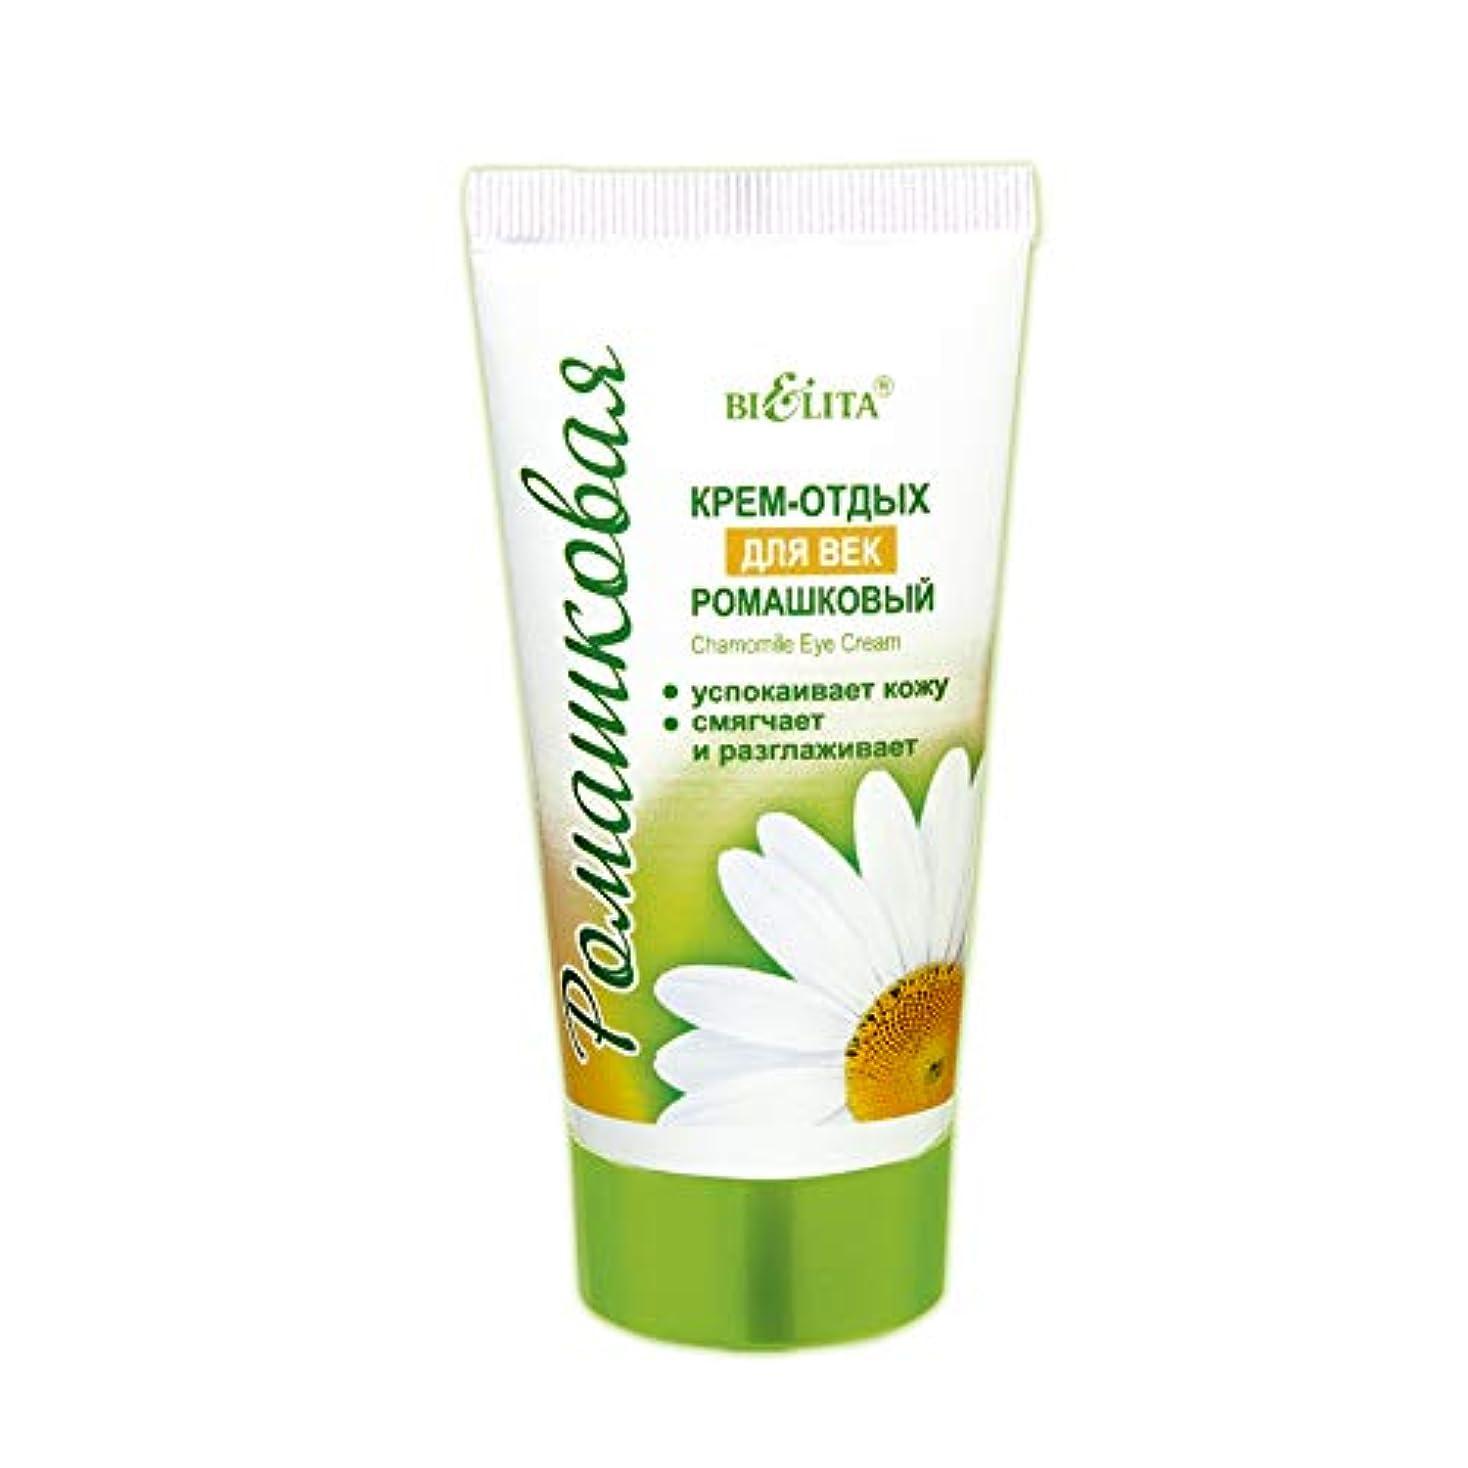 Bielita & Vitex Chamomile Line  Relaxing Eye Cream for All Skin Type, 30 ml   Chamomile, Allantoin, Sesame Oil...